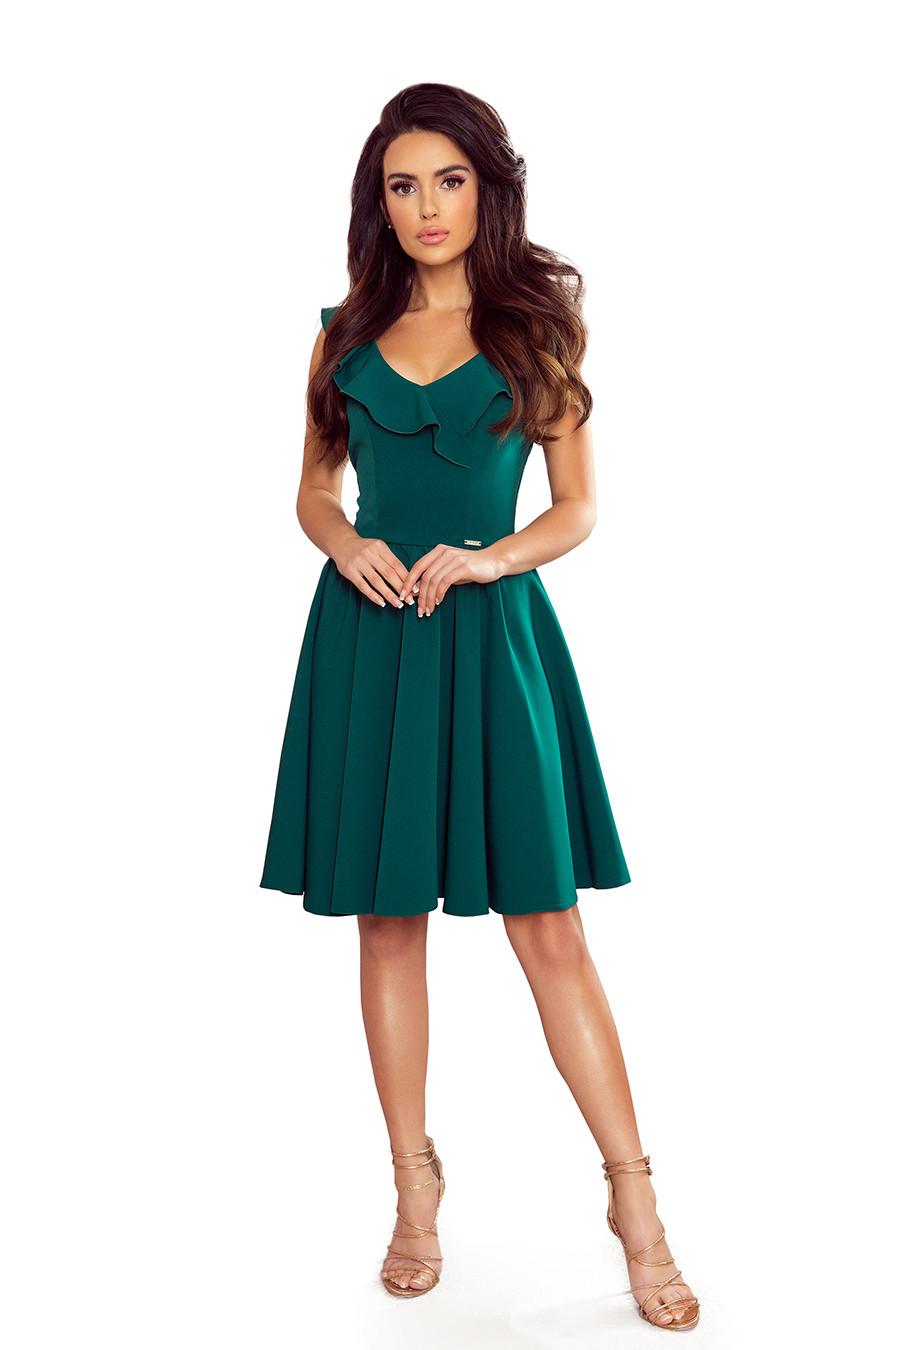 NUMOCO Woman's Dress 307-2